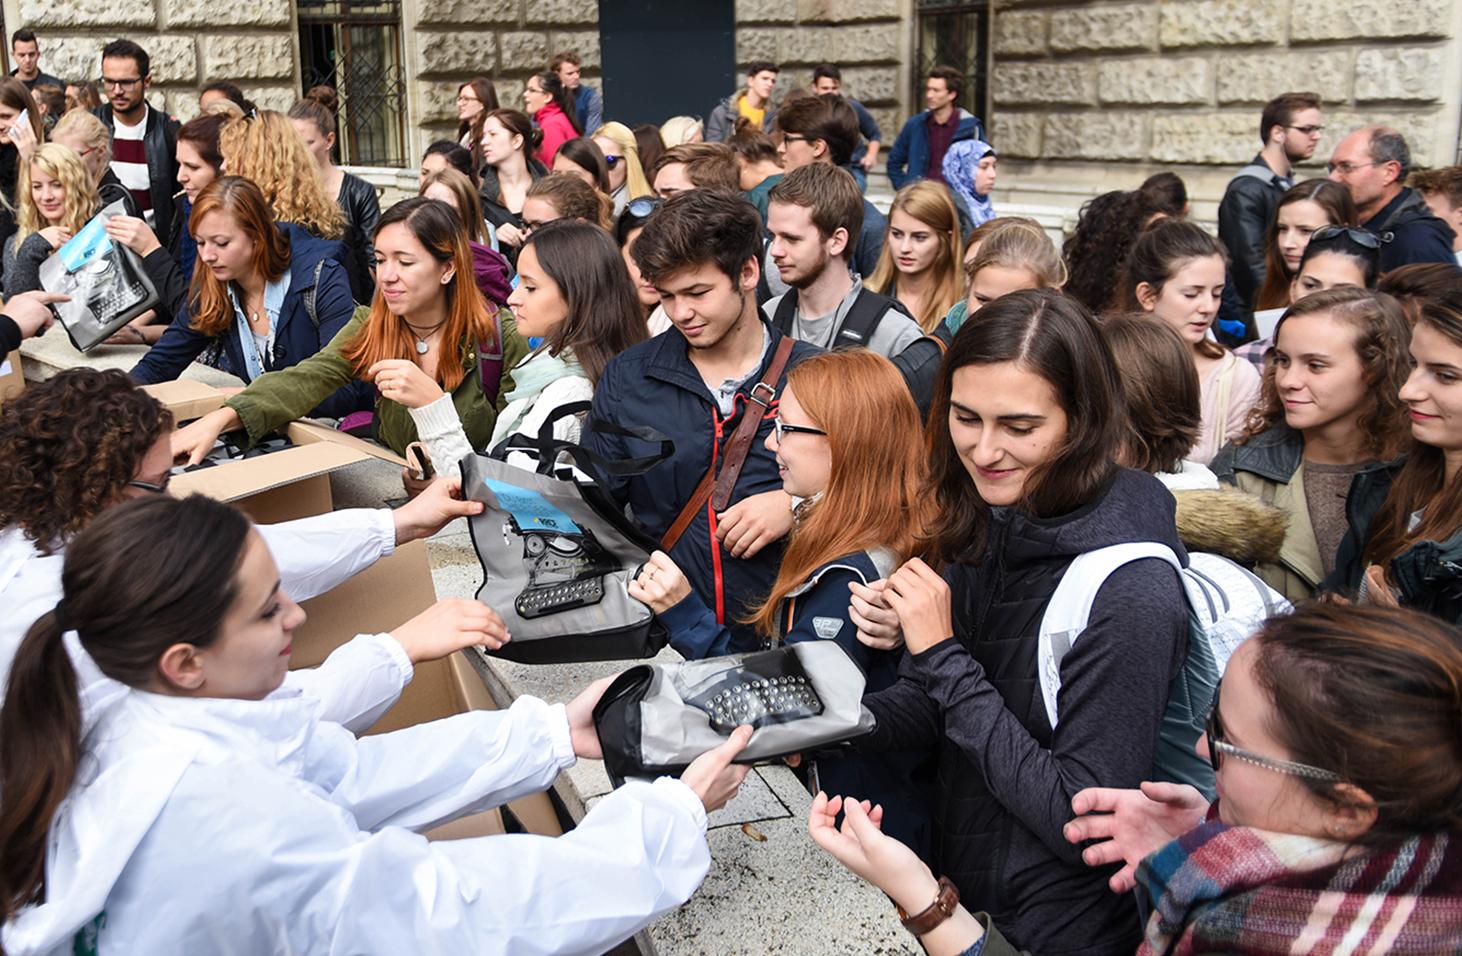 edubag goodie tasche studenten hochschulmarketing studenten erreichen werbung auf der uni werben auf der uni uni wien tasche studententasche tasche mit gratis zeug uni bag